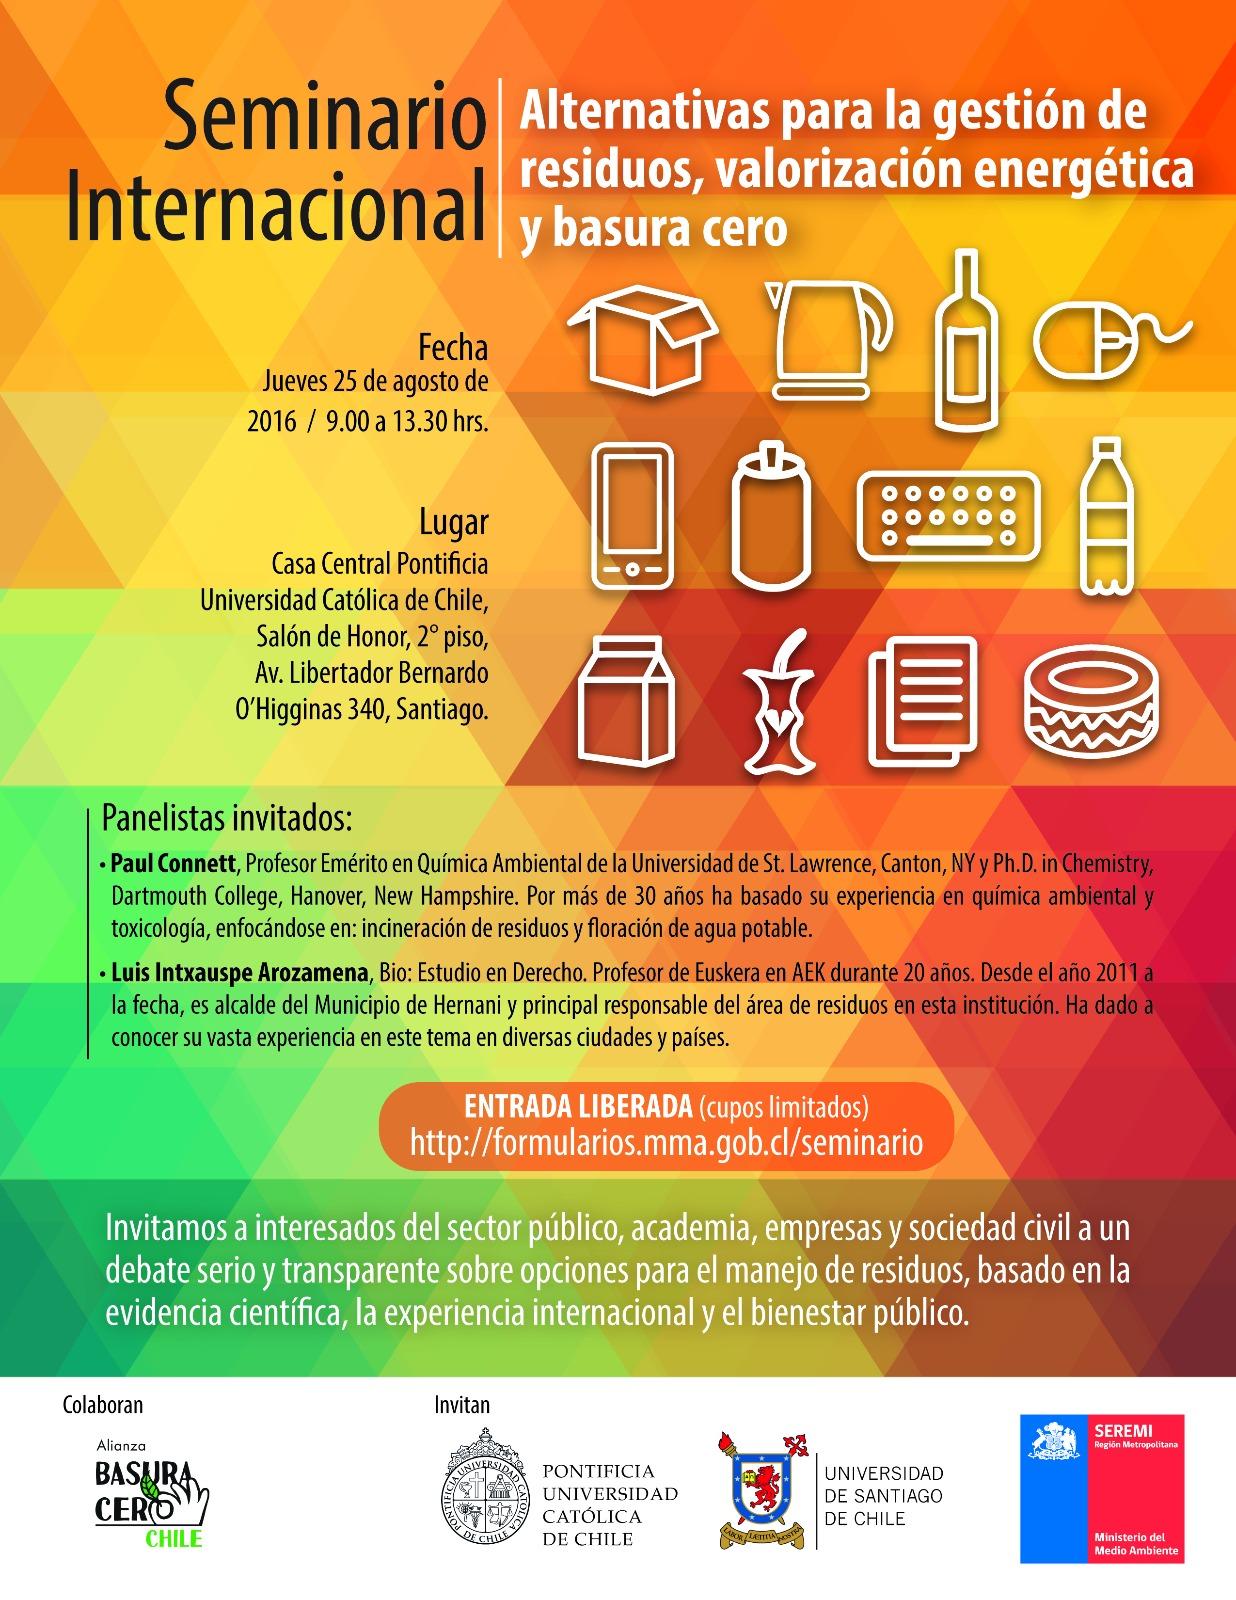 """Expertos llegan a Chile a promover modelos y experiencias basados en el concepto de """"basura cero"""" como alternativas a una gestión sustentable de residuos en Seminario Internacional"""